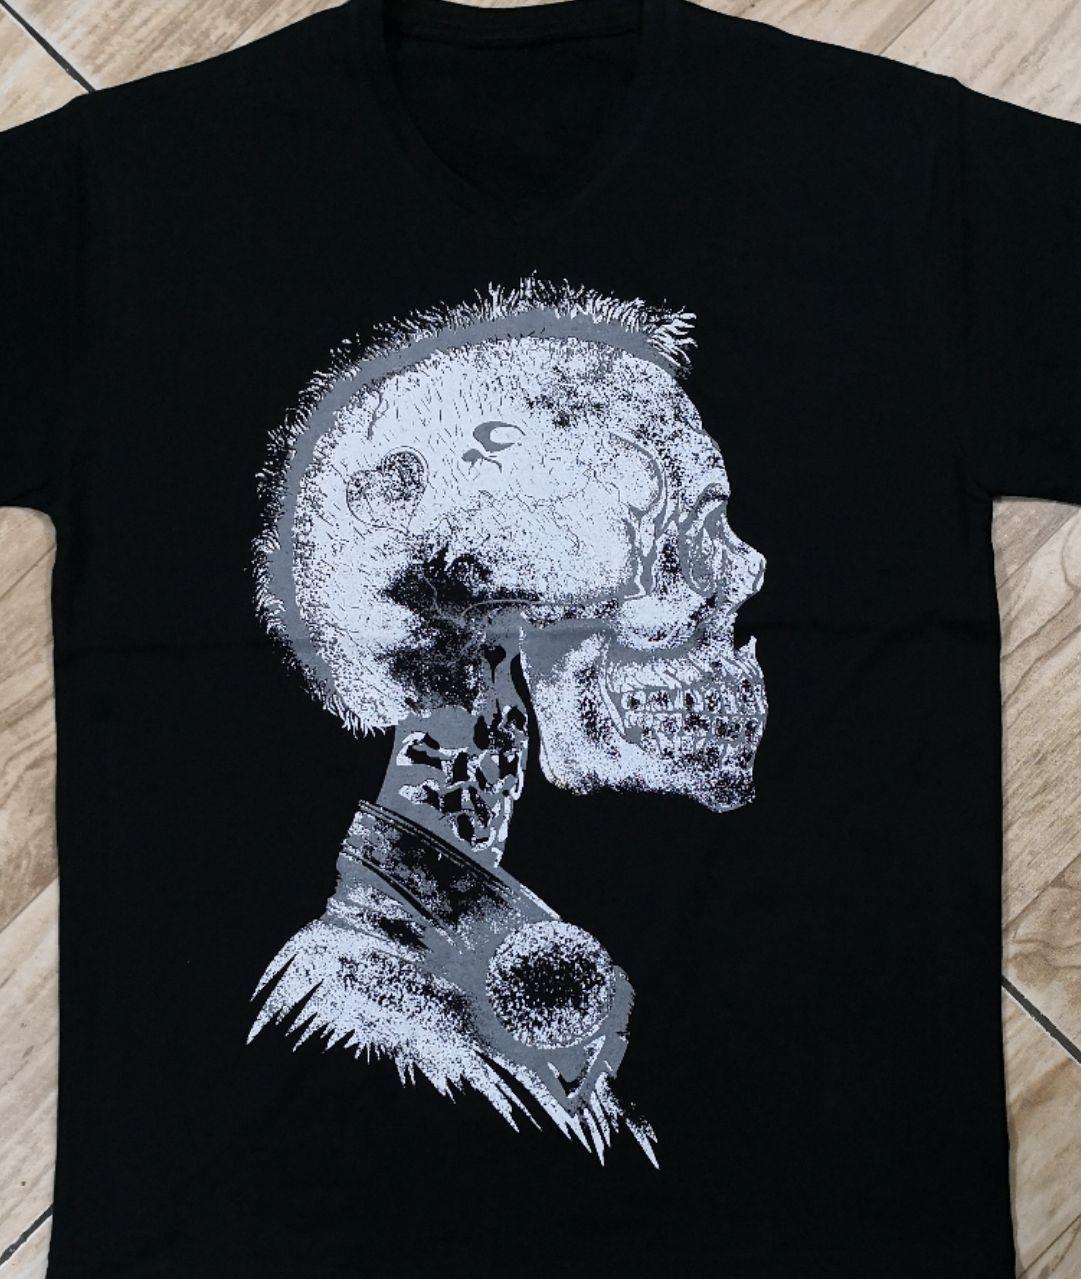 فروش تی شرت سه بعدی